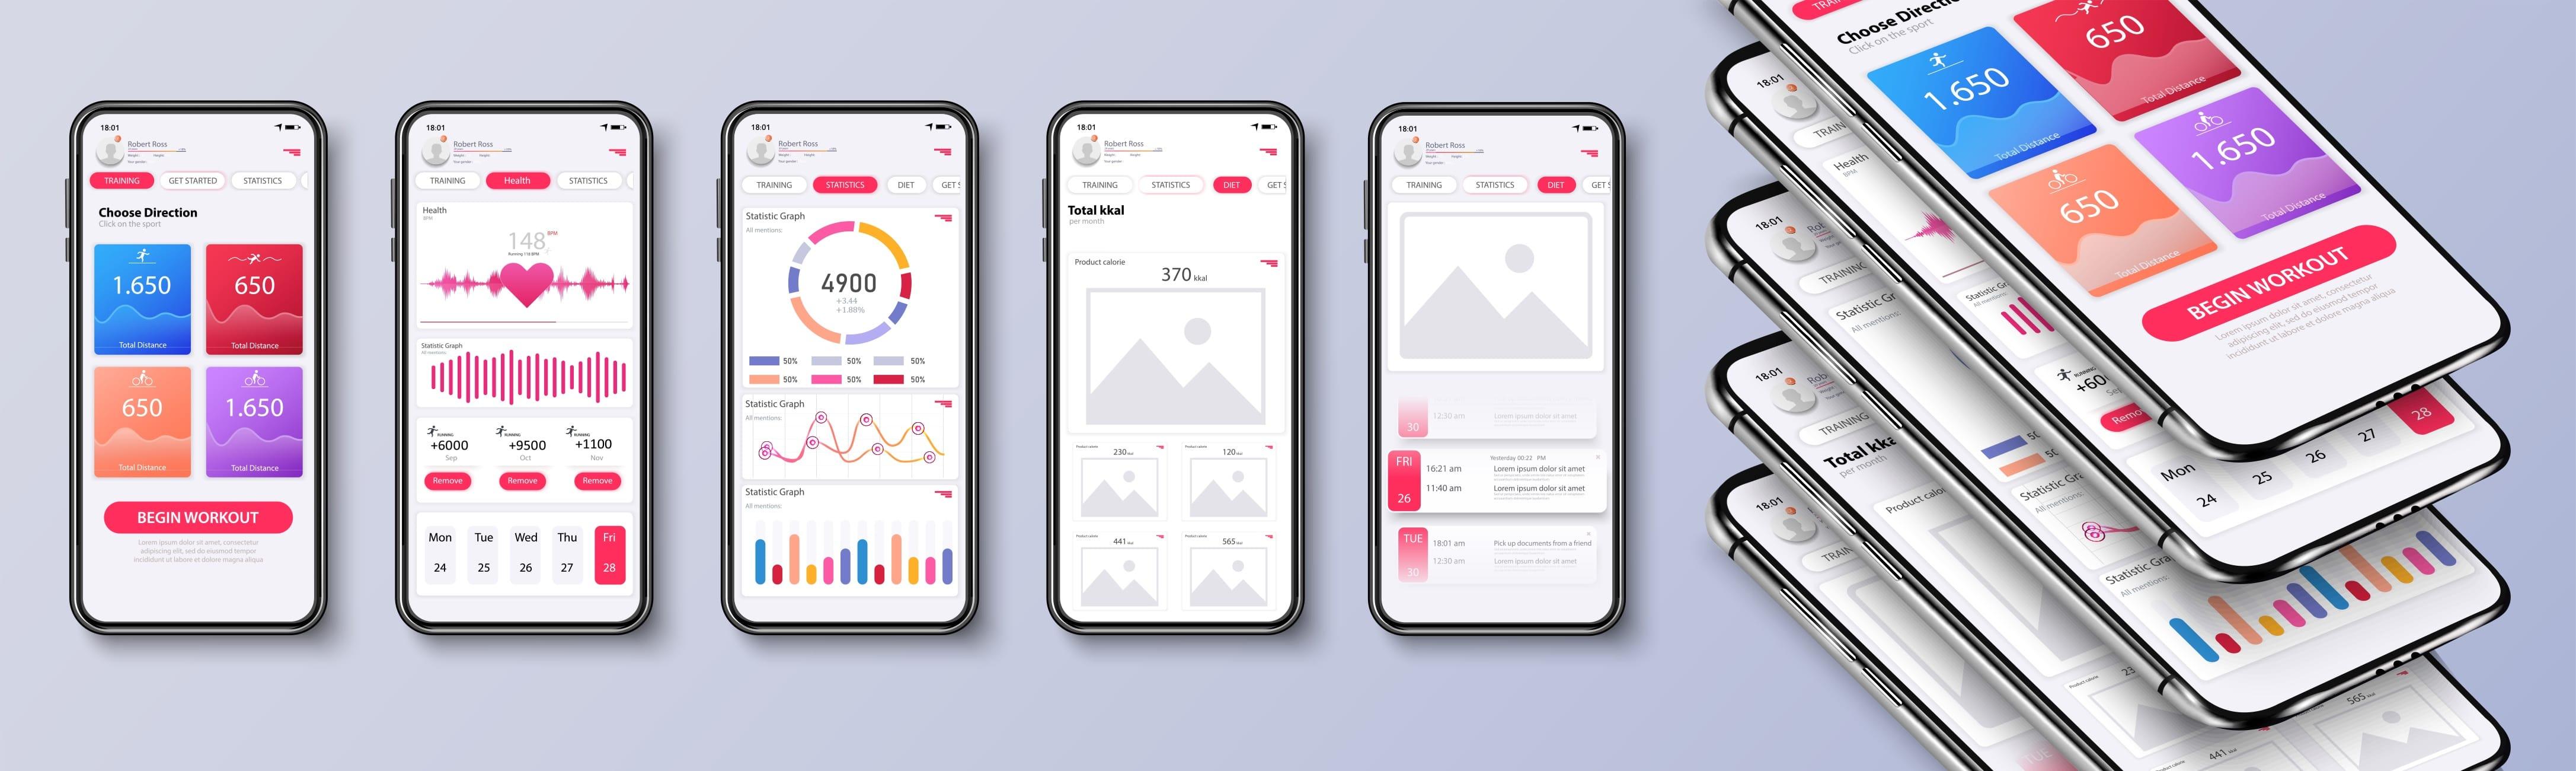 様々なアプリのデザインイメージ